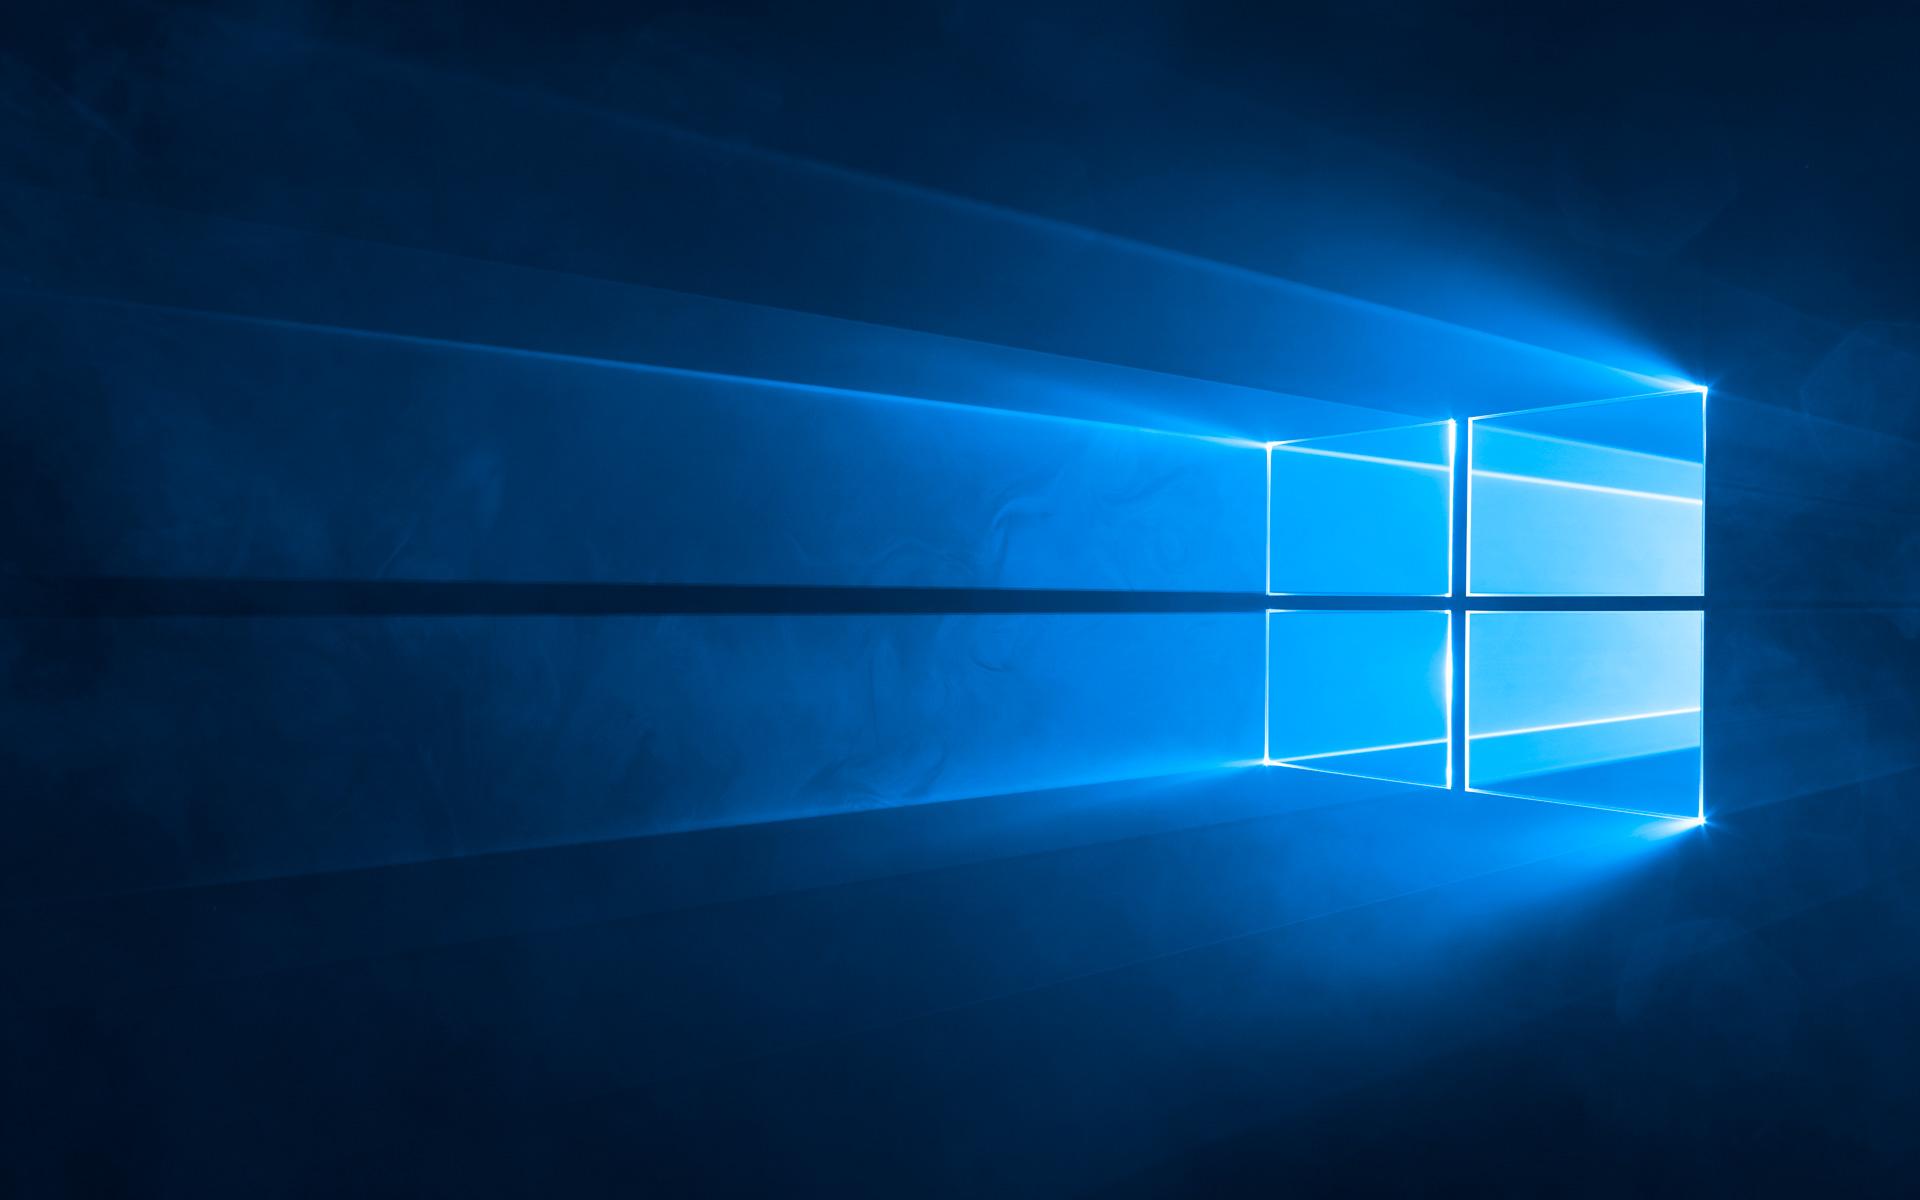 【レビュー】Windows10メジャーアップデート開始~Surface3に適用して変わったところ